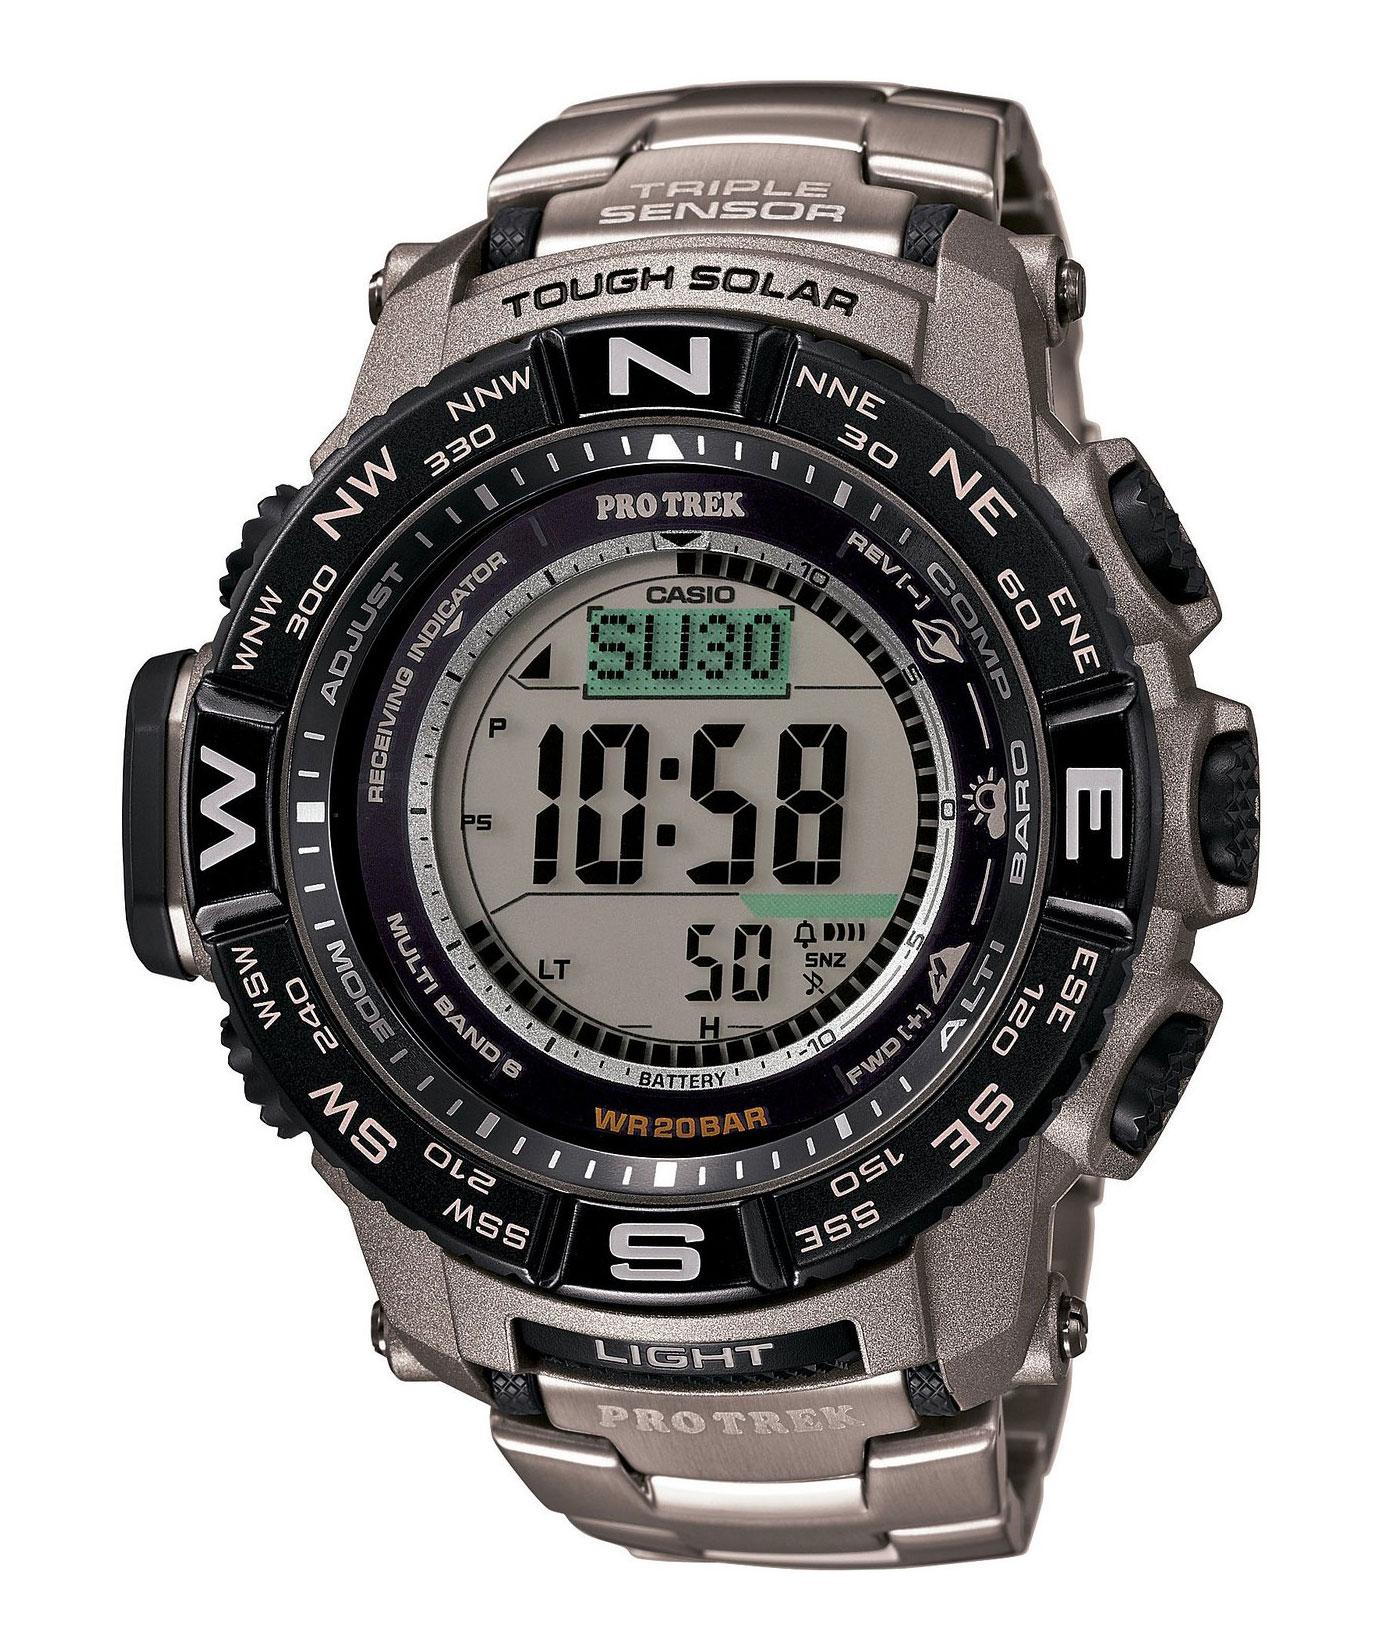 Часы мужские наручные Casio PRO TREK, цвет: титановый, черный. PRW-3500T-7EBM8434-58AEСтильные мужские часы Casio PRO TREK выполнены из нержавеющей стали, полимерных материалов и минерального стекла. Изделие дополнено подсветкой высокой яркости, корпус часов оформлен символикой бренда. В часах предусмотрен цифровой отсчет времени.Часы оснащены функцией мирового времени, которая позволяет мгновенно выяснять текущее время. Часы могут быть настроены на подачу тонального или светового сигнала при наступлении выставленного времени. Функция таймера позволит обеспечить обратный отсчет времени, начиная с выставленного и подачу тонального или светового сигнала, когда отсчет доходит до нуля. Функция секундомера позволит замерять прошедшее время в пределах тысячи часовс точностью 1/100 секунды, предусмотрен будильник, термометр, цифровой компас, альтиметр, барометр. Степень влагозащиты 20 atm. Изделие дополнено браслетом из стали. Браслет застегивается на замок-клипсу, который позволит максимально комфортно и быстро снимать и одевать часы.Часы поставляются в фирменной упаковке.Многофункциональные часы Casio PRO TREK подчеркнут мужской характер и отменное чувство стиля у их обладателя.